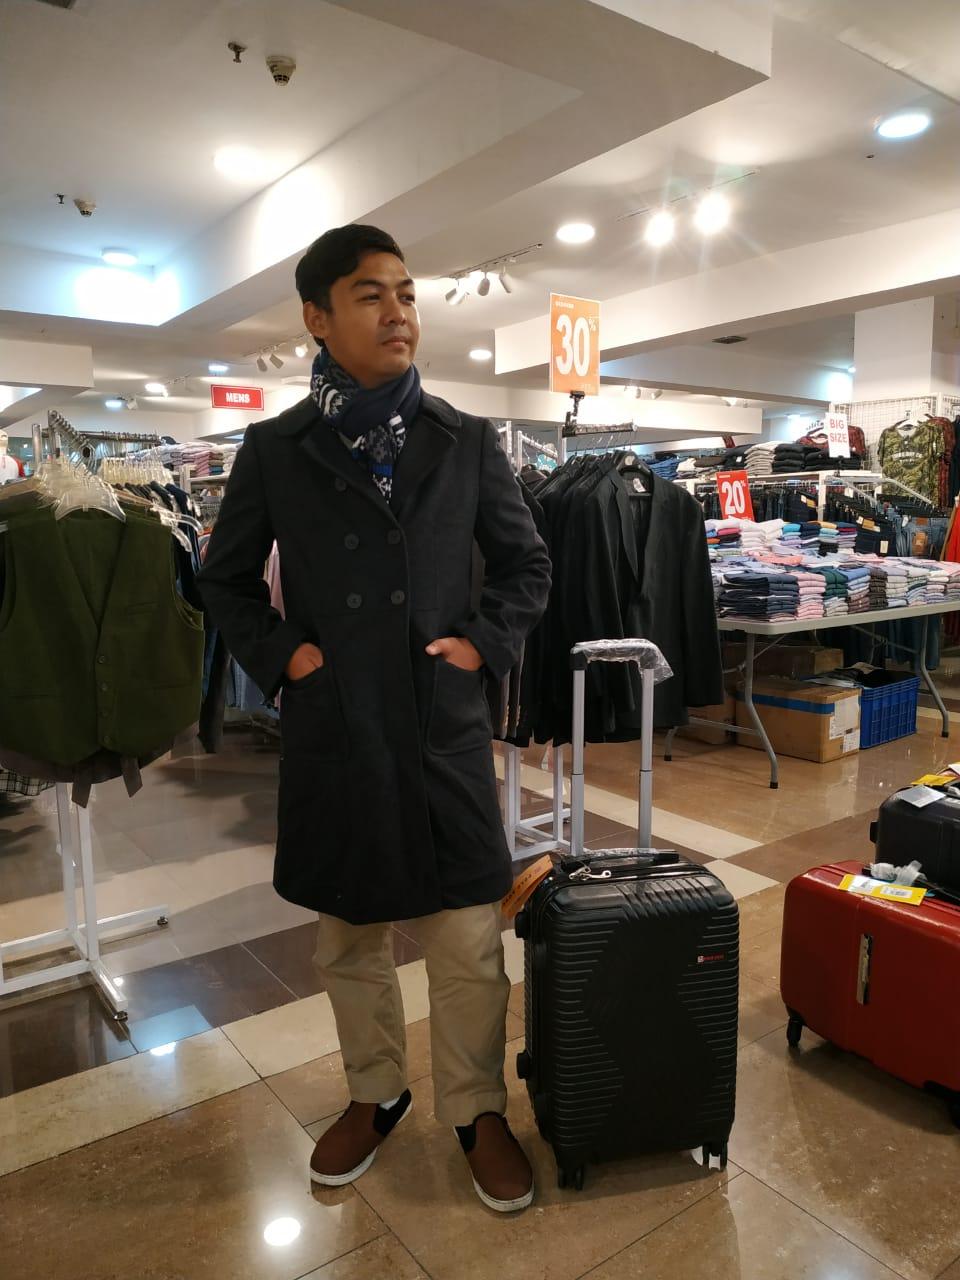 Jaket Musim Dingin Yang Keren & Cocok Buat Pergi Berlibur Ke Negara Bersalju